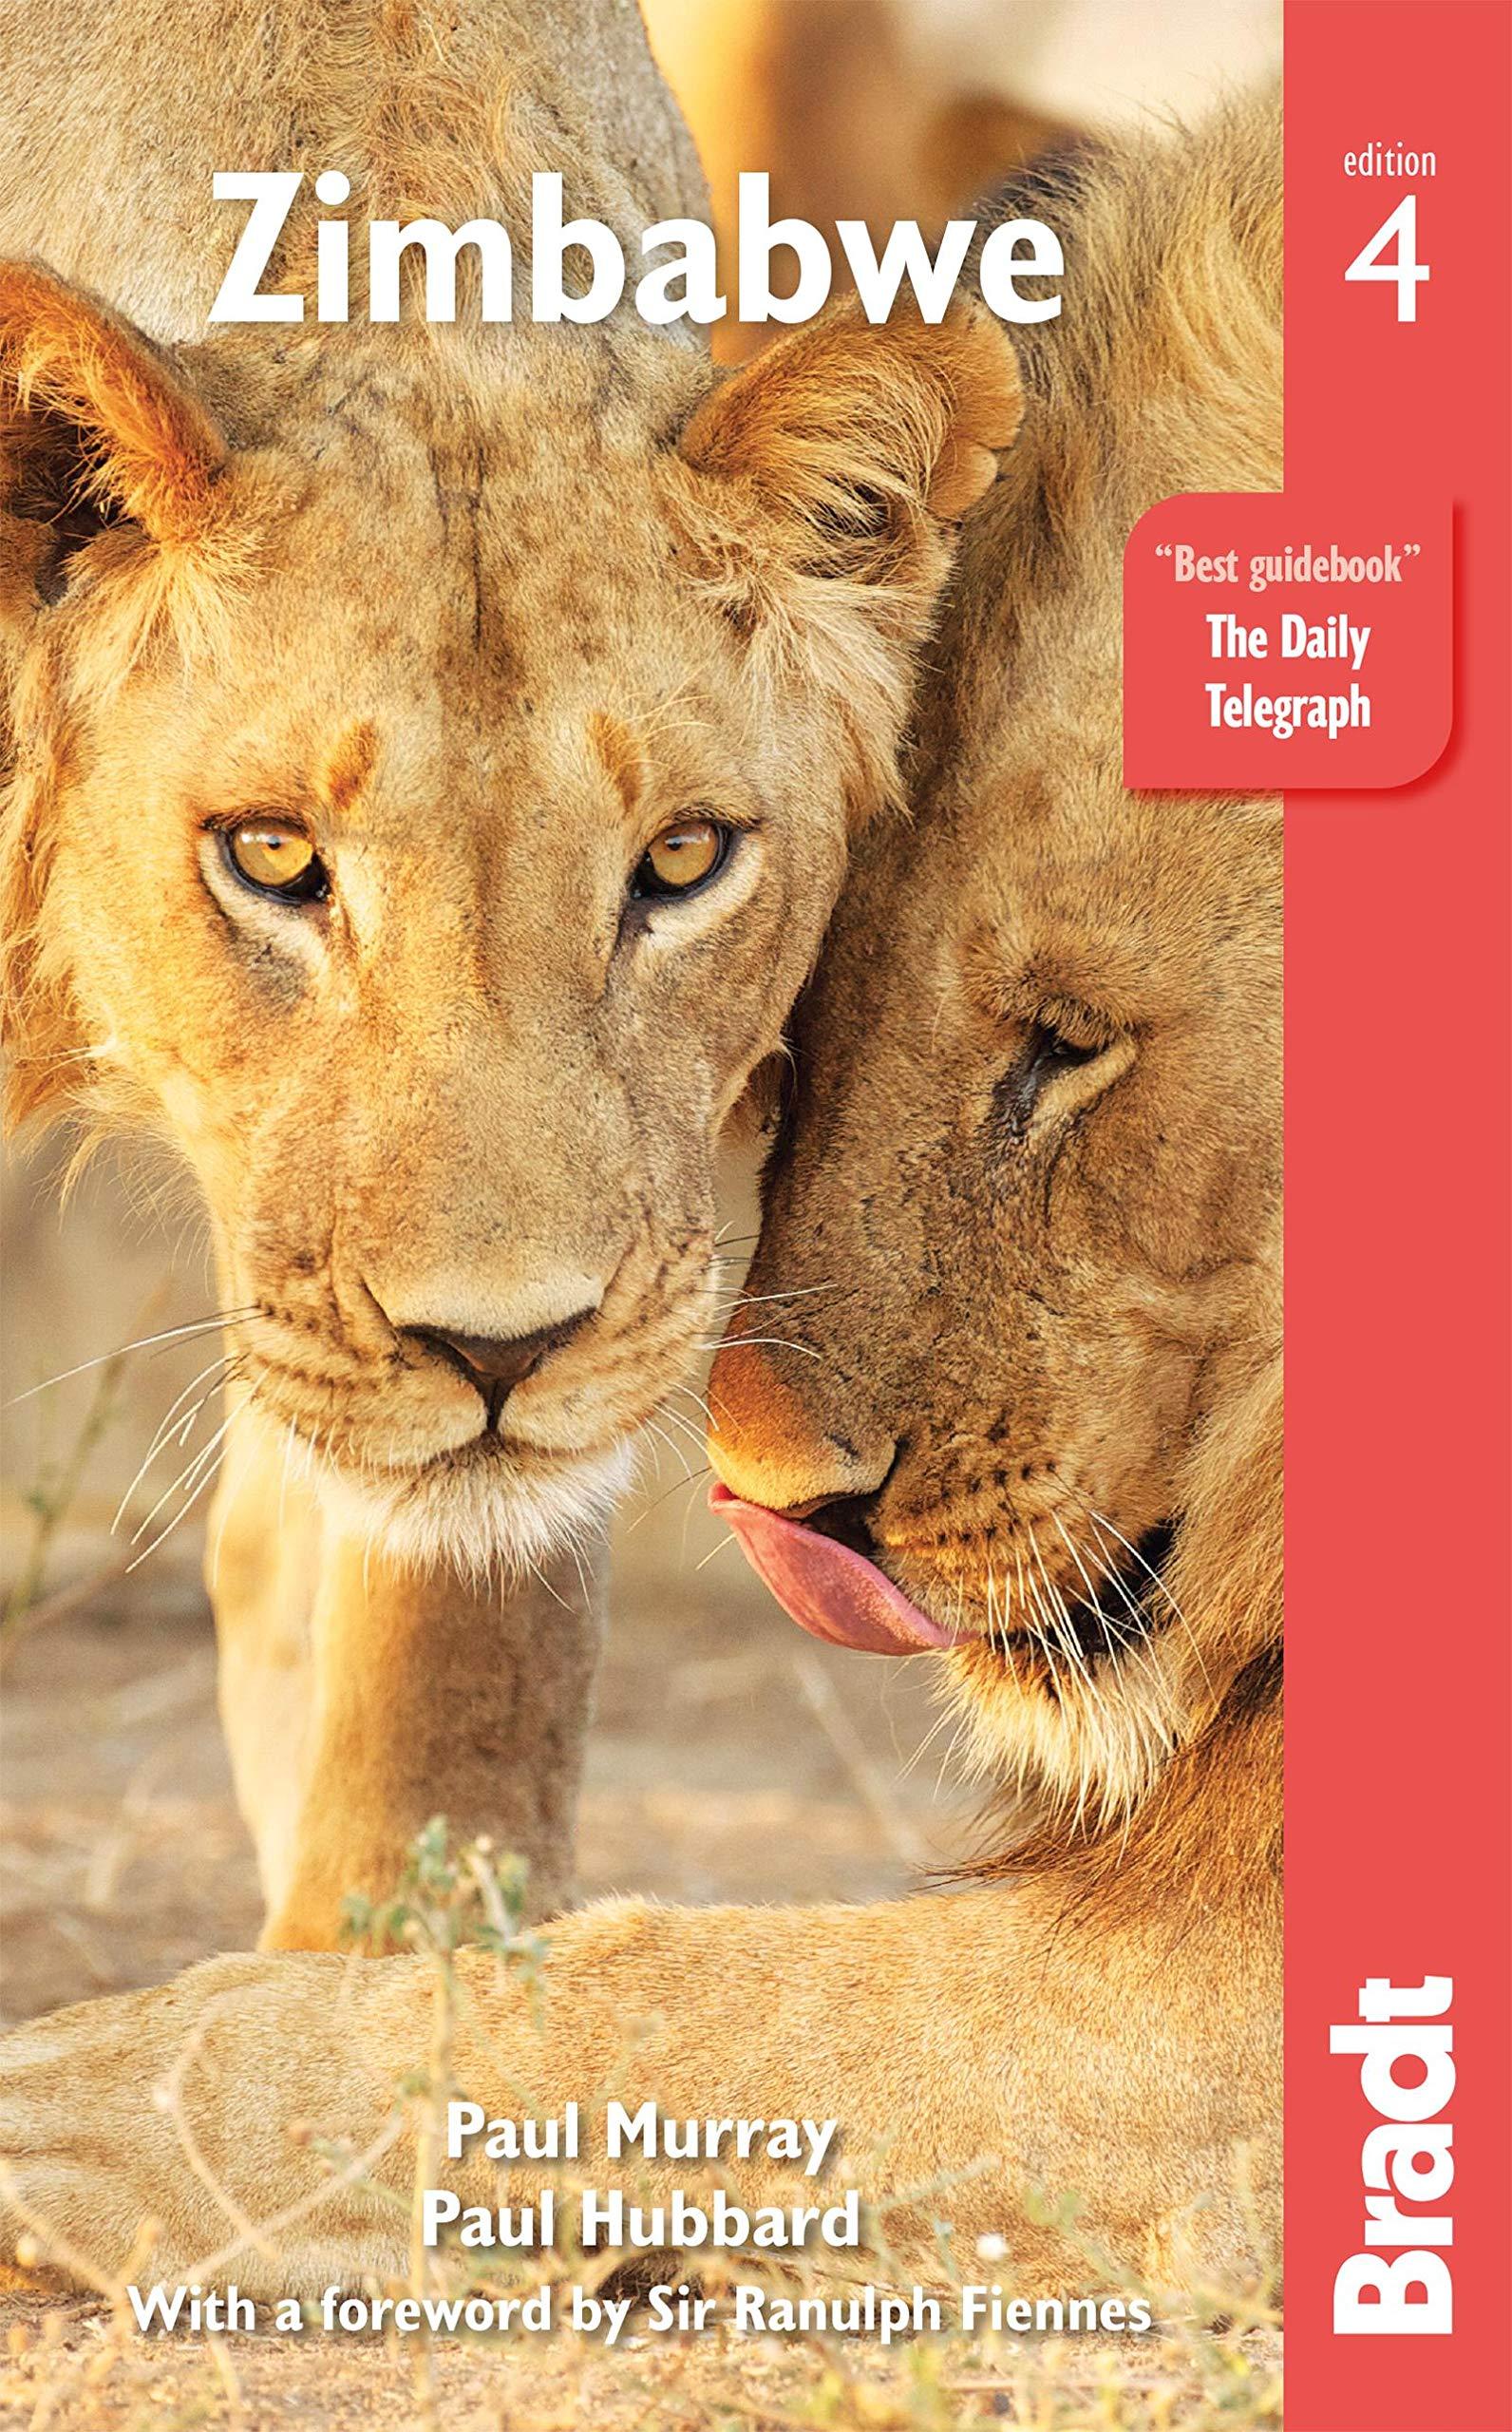 מדריך באנגלית BR זימבאבואה